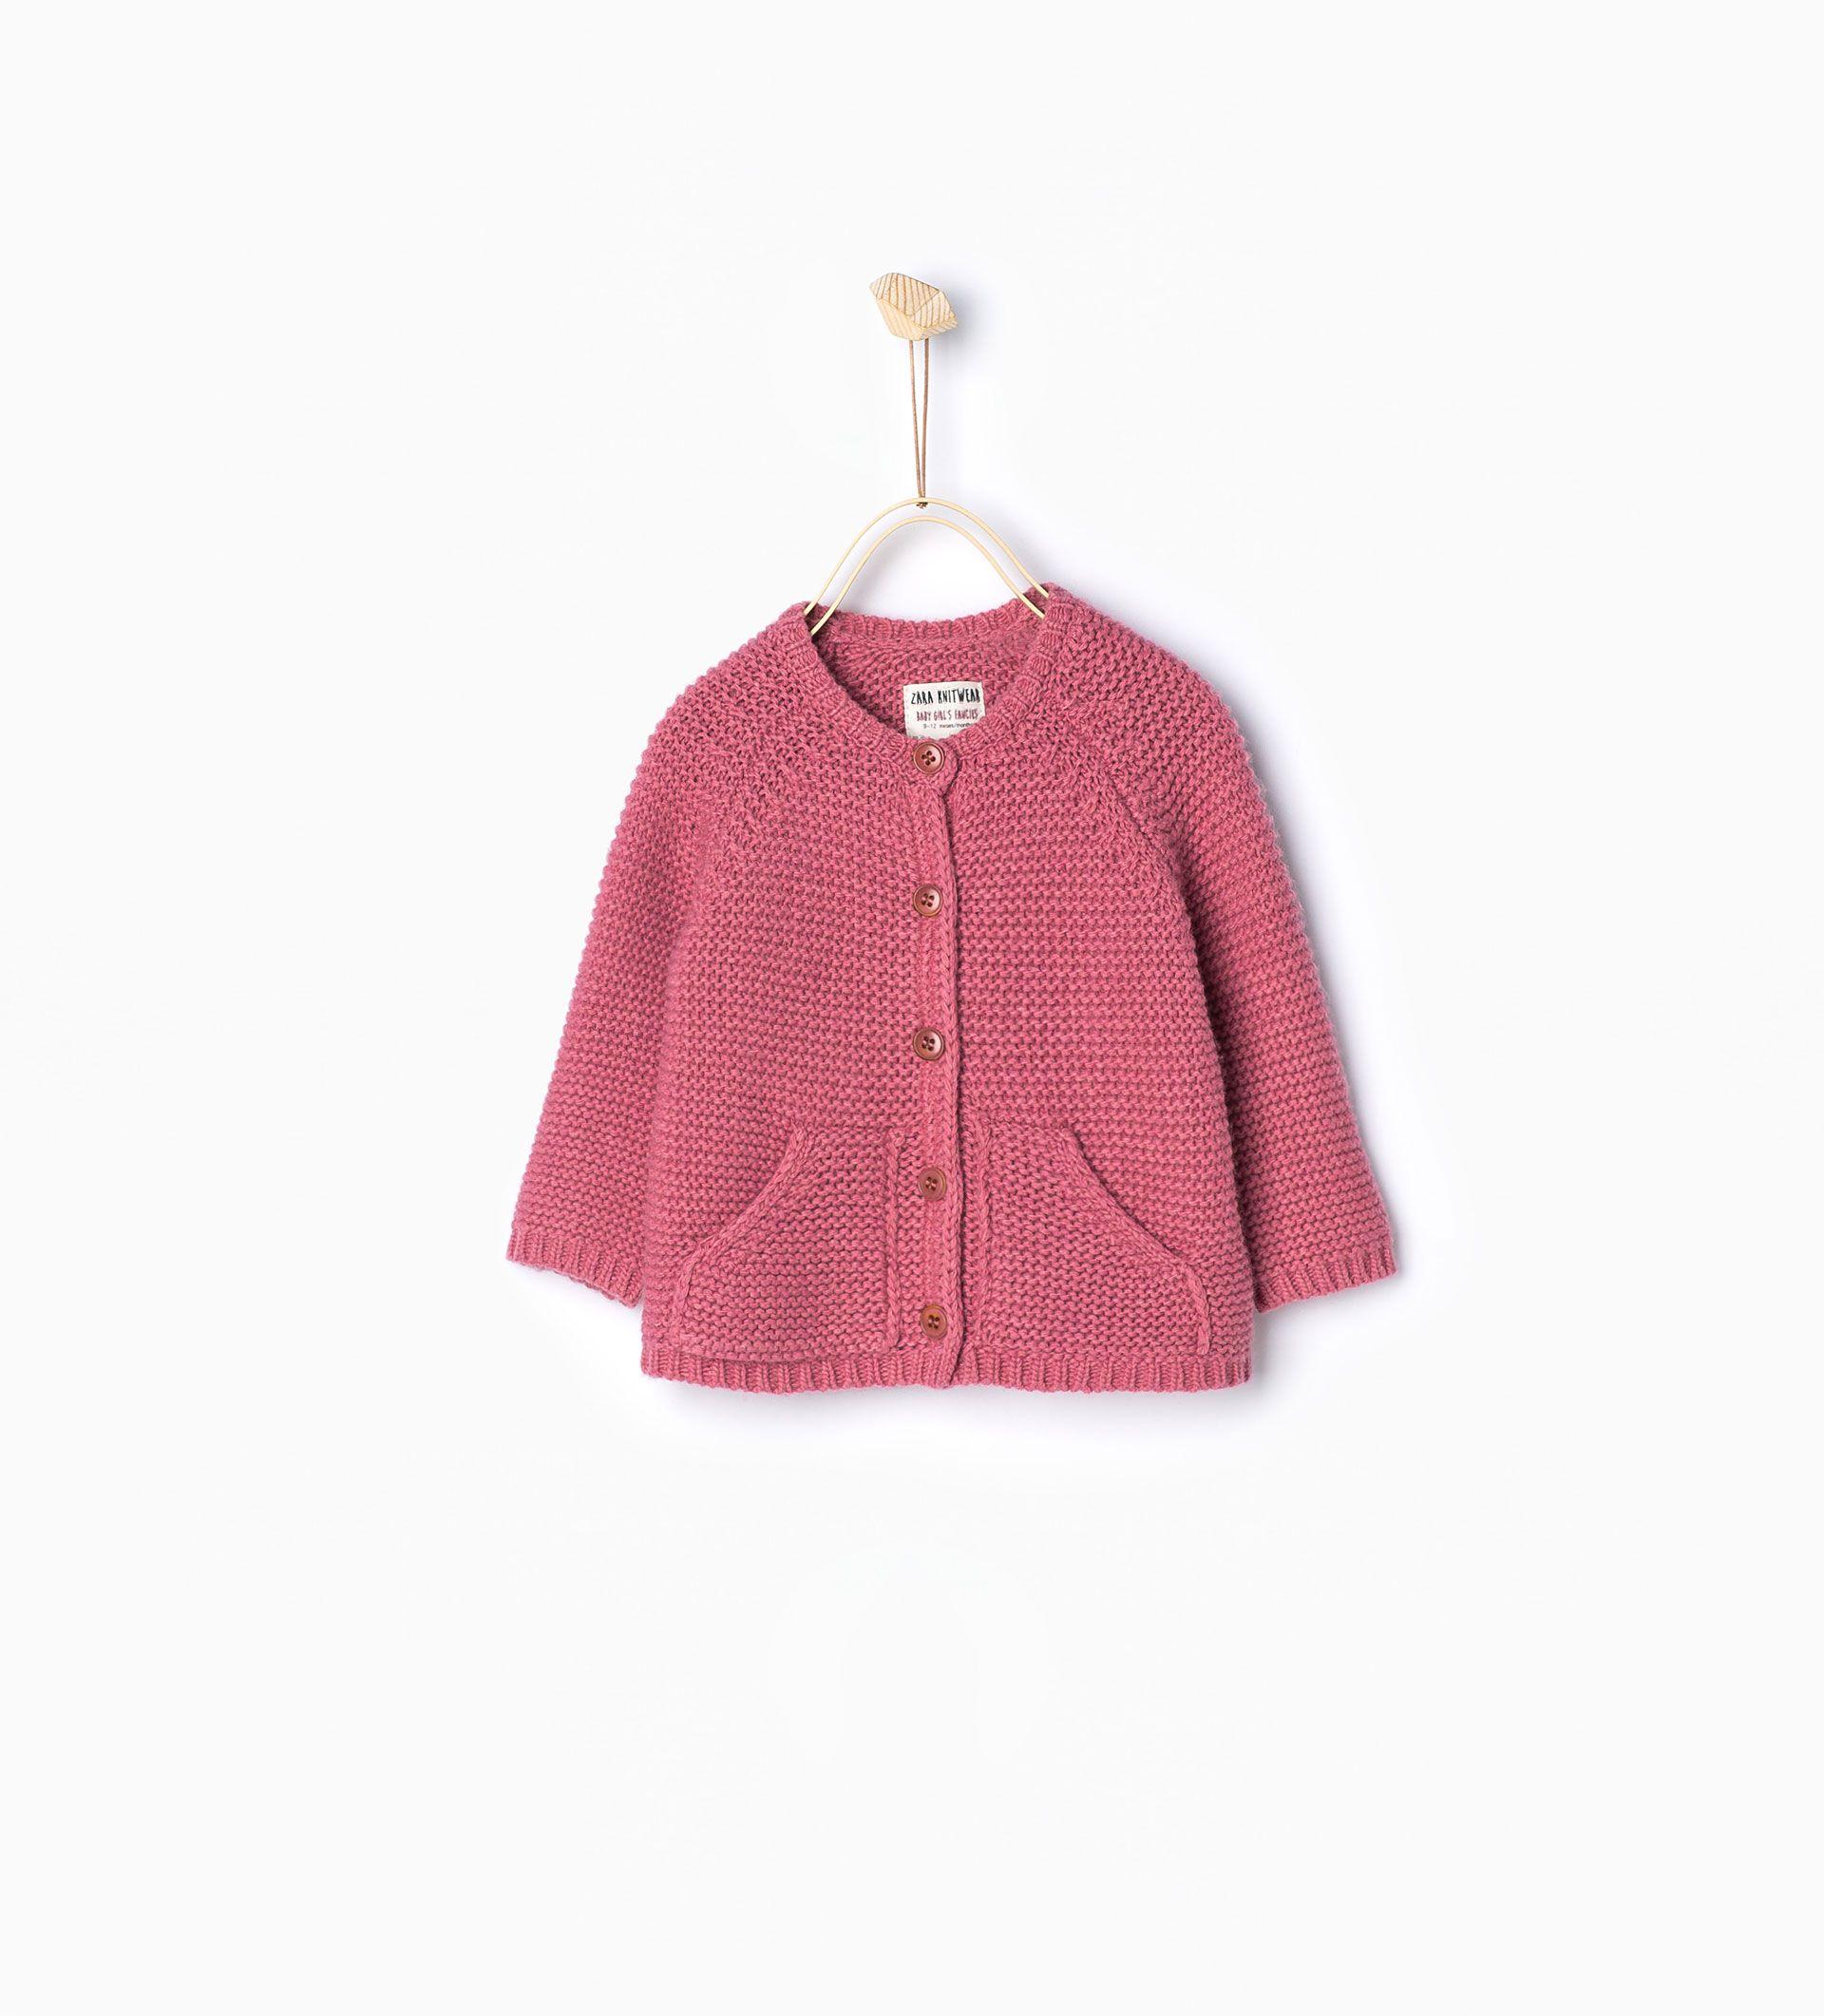 0aaedb1fd Chaqueta punto bolsillos - Chaquetas y jerseys - Bebé niña